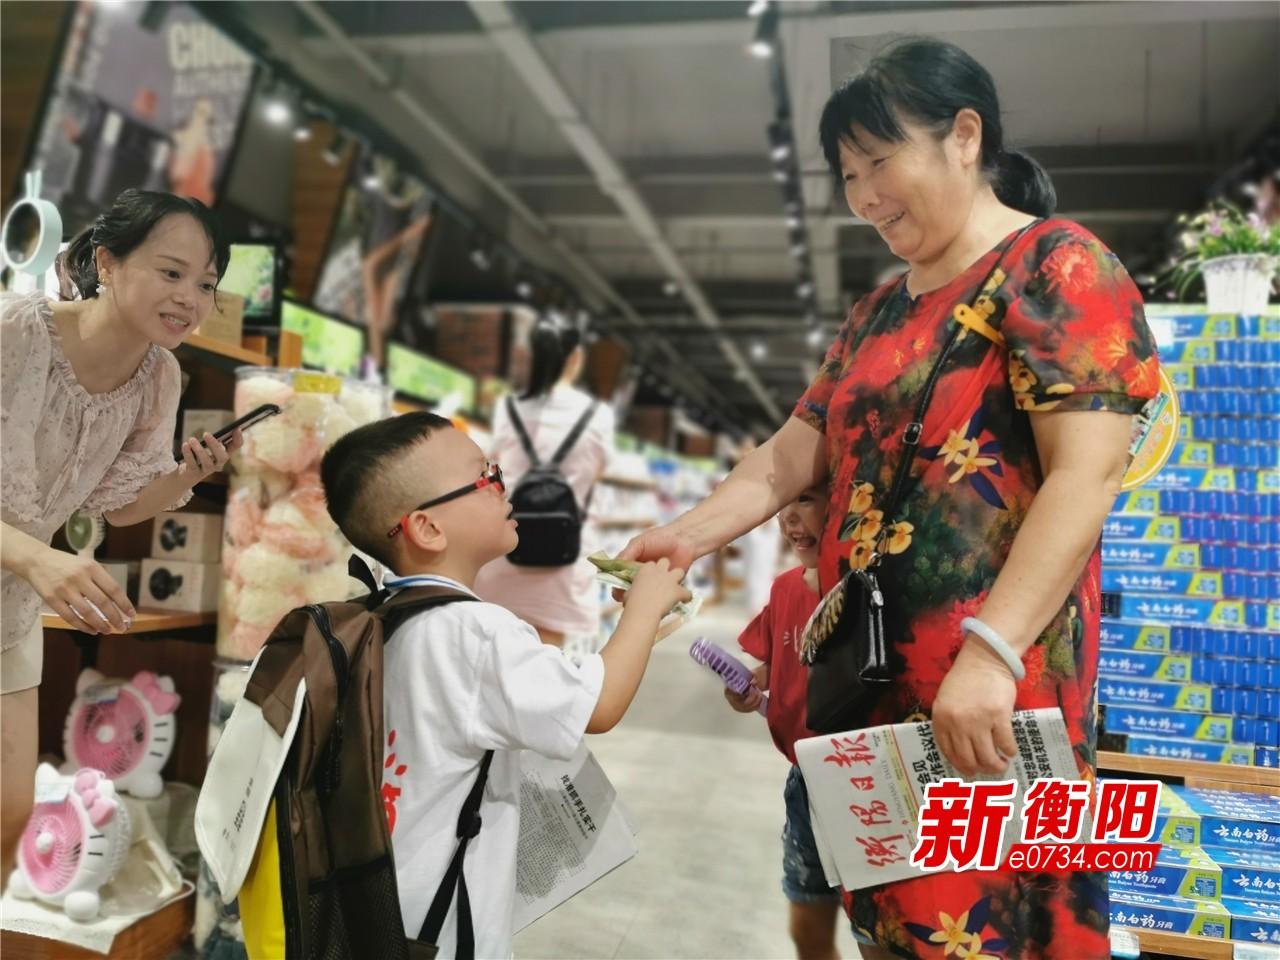 衡阳县500余名小小志愿者走上街头卖报献爱心